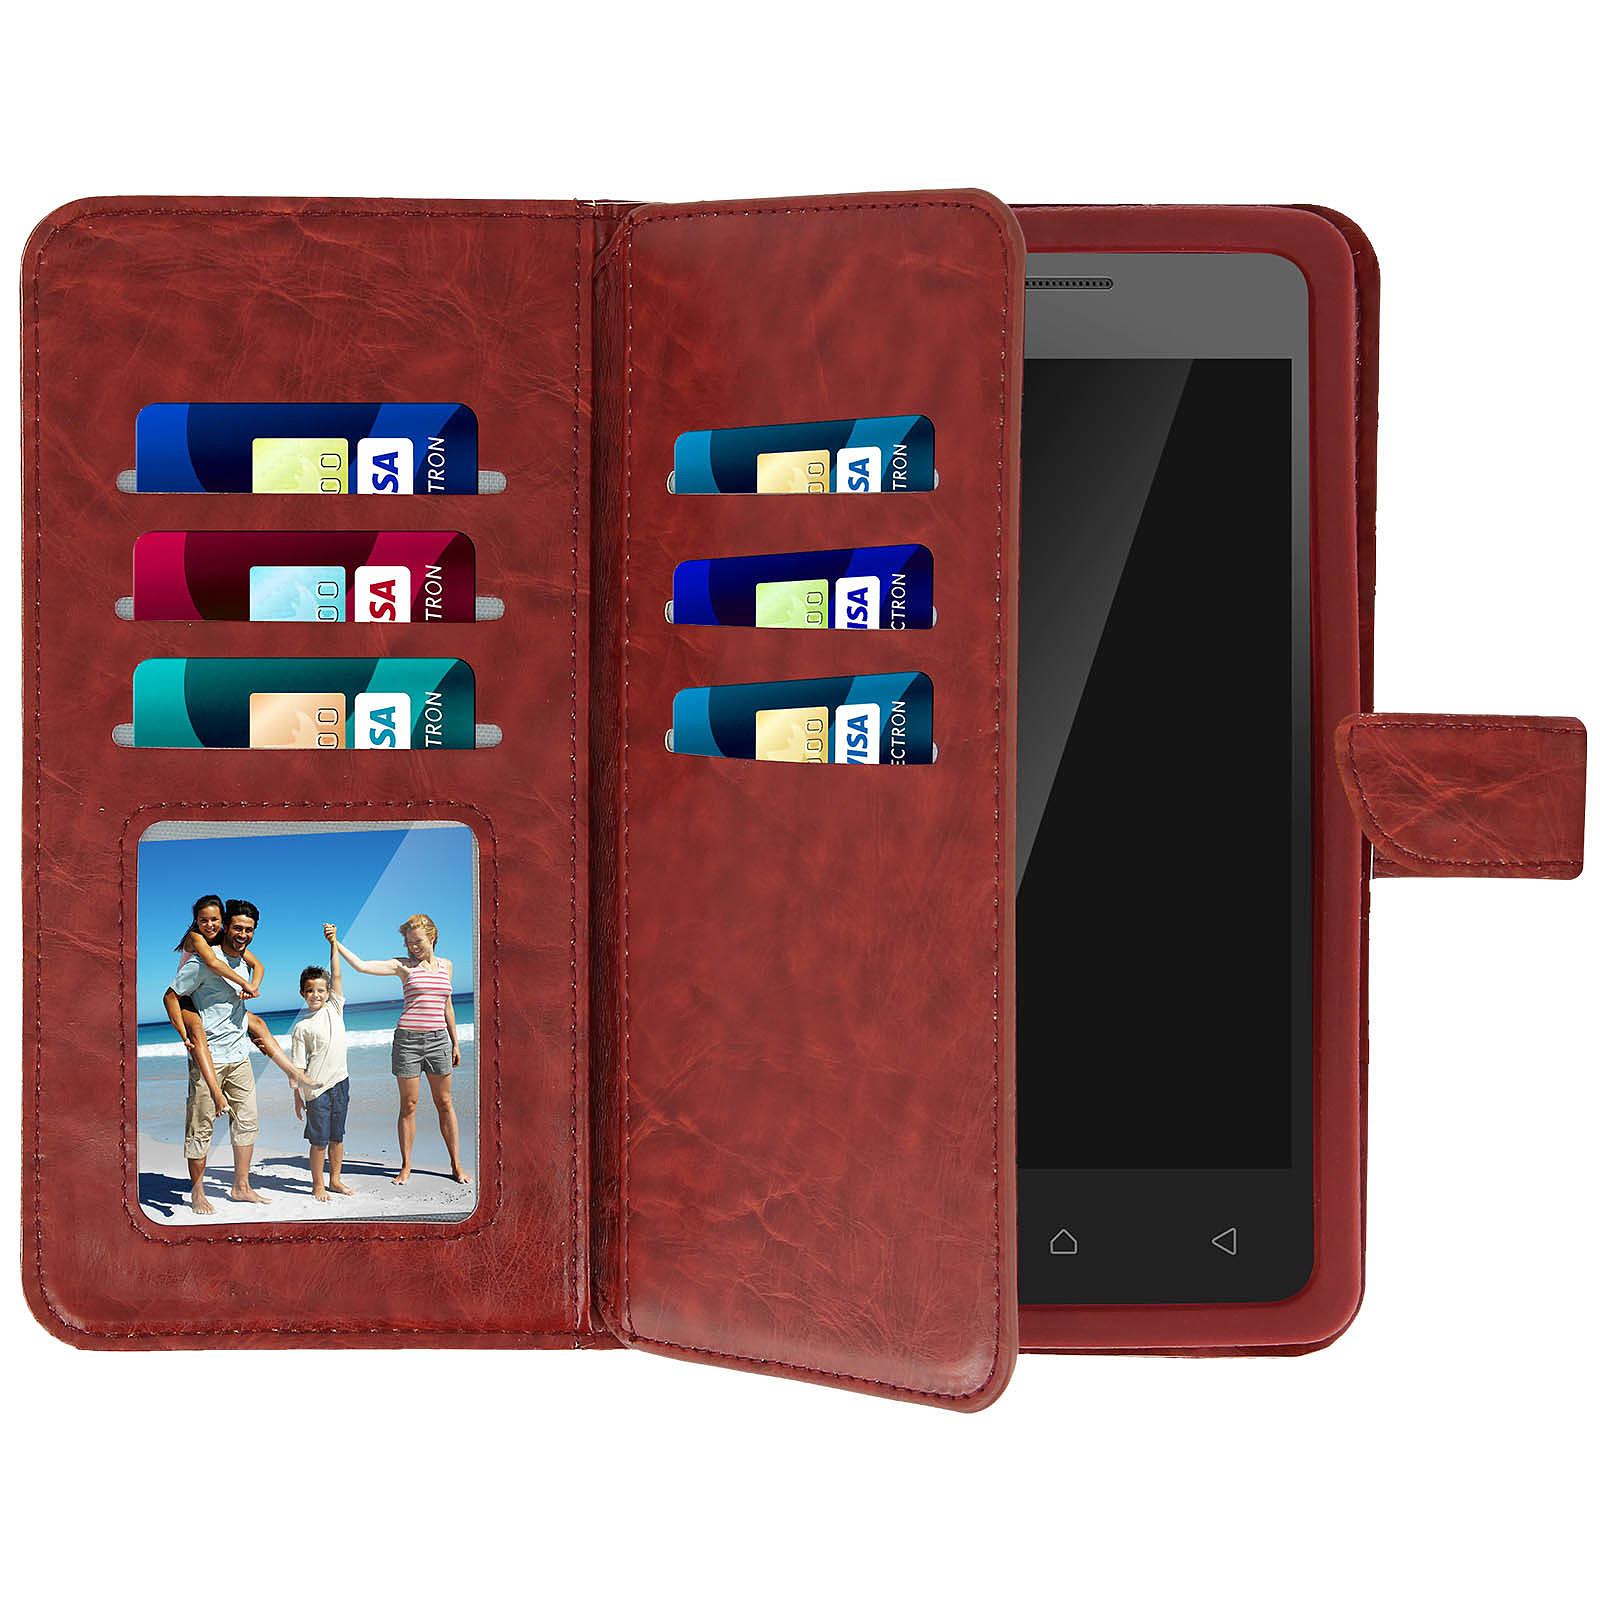 Avizar Etui folio Marron pour Smartphones de 4.3' à 4.7'